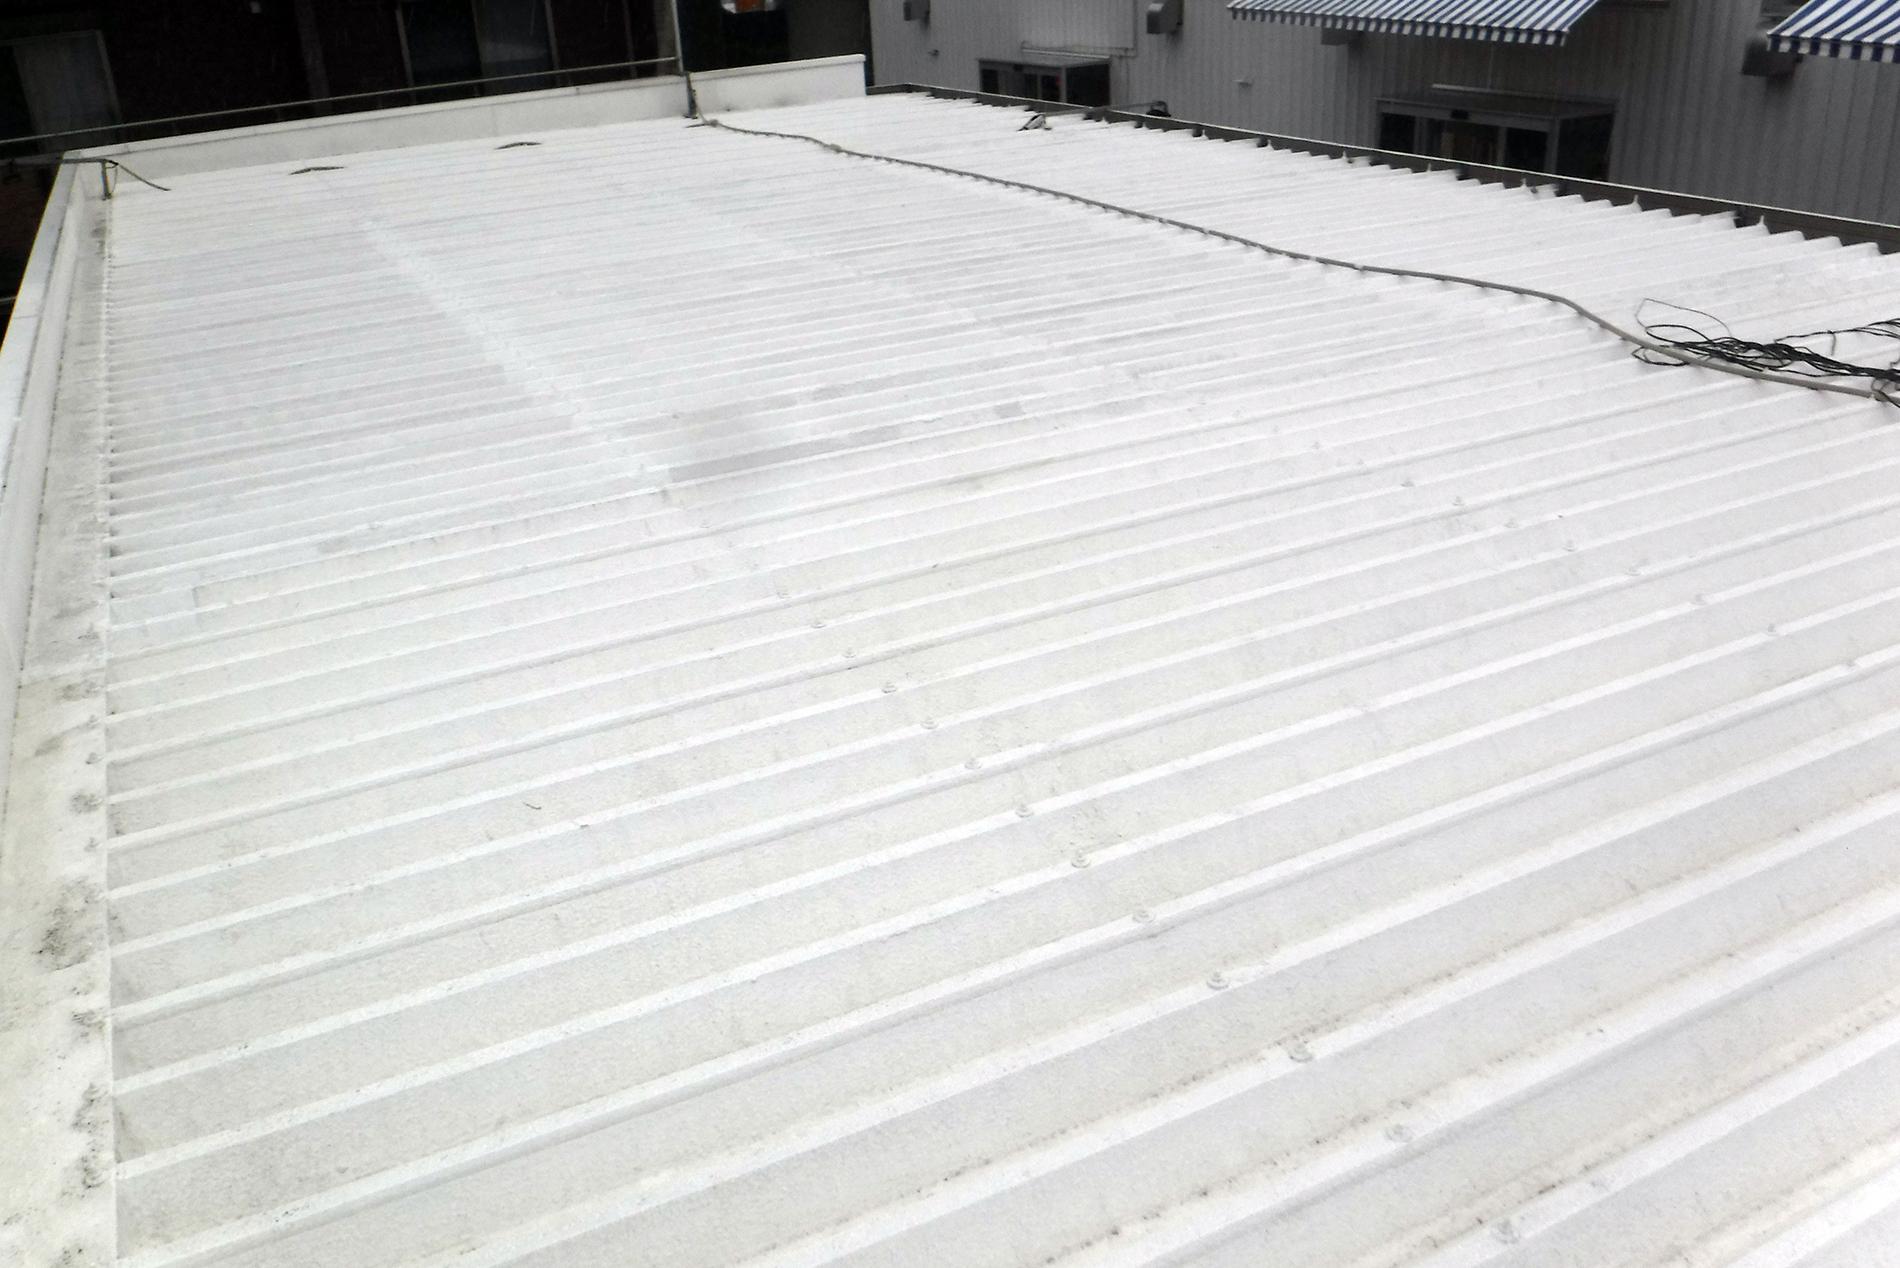 A社様設置前の屋根の様子